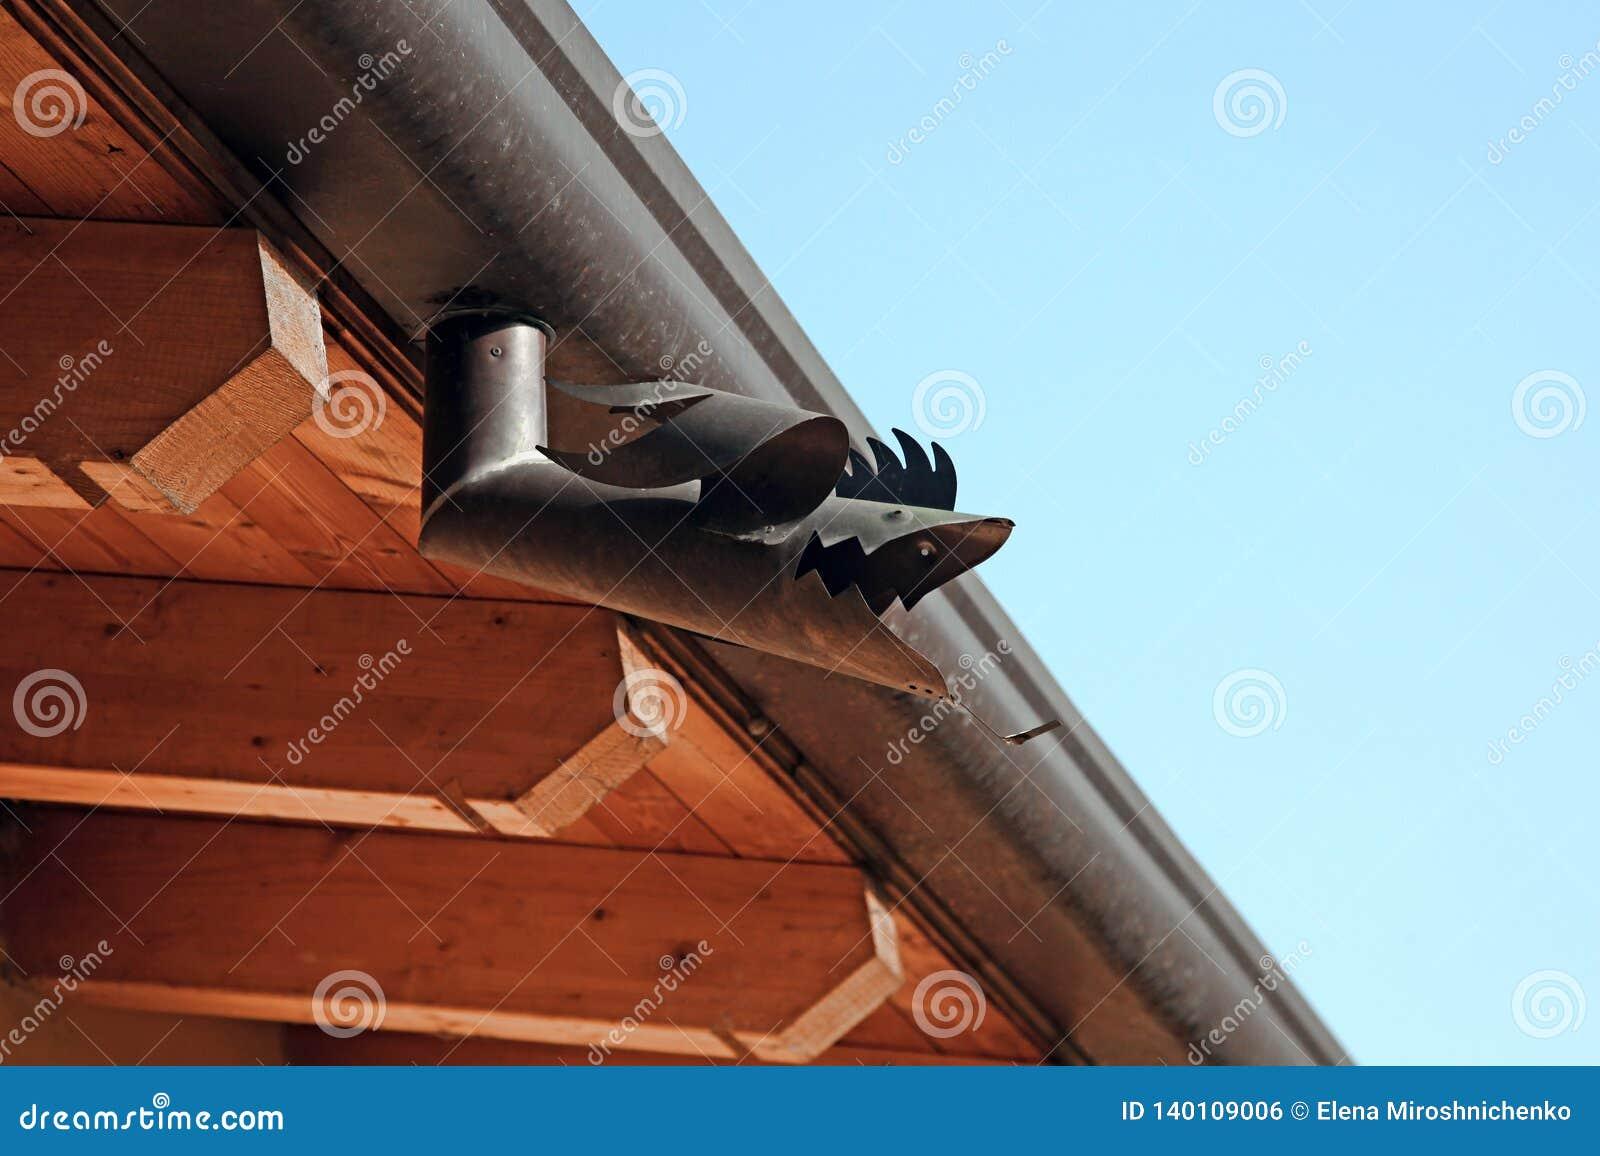 La pieza del tejado con forma de los pescados del canal del metal Casa de madera debajo del cielo azul Detalle constructivo del a